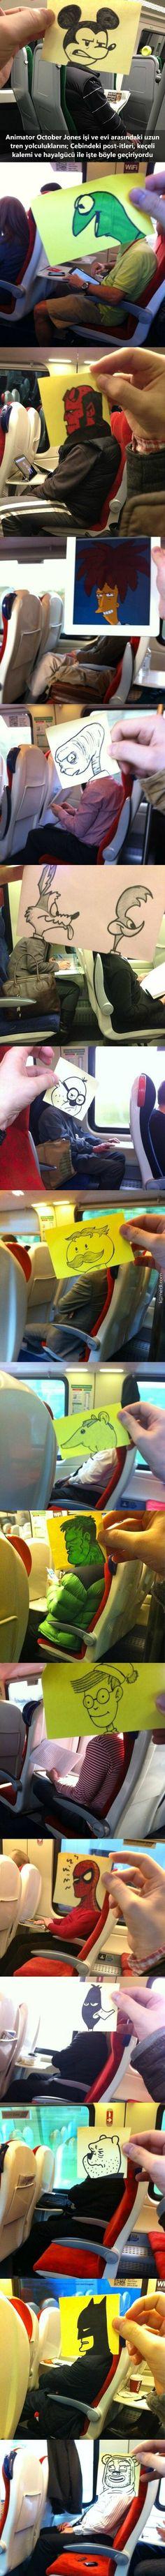 Sıkıcı Tren Yolculukları Nasıl Geçer?